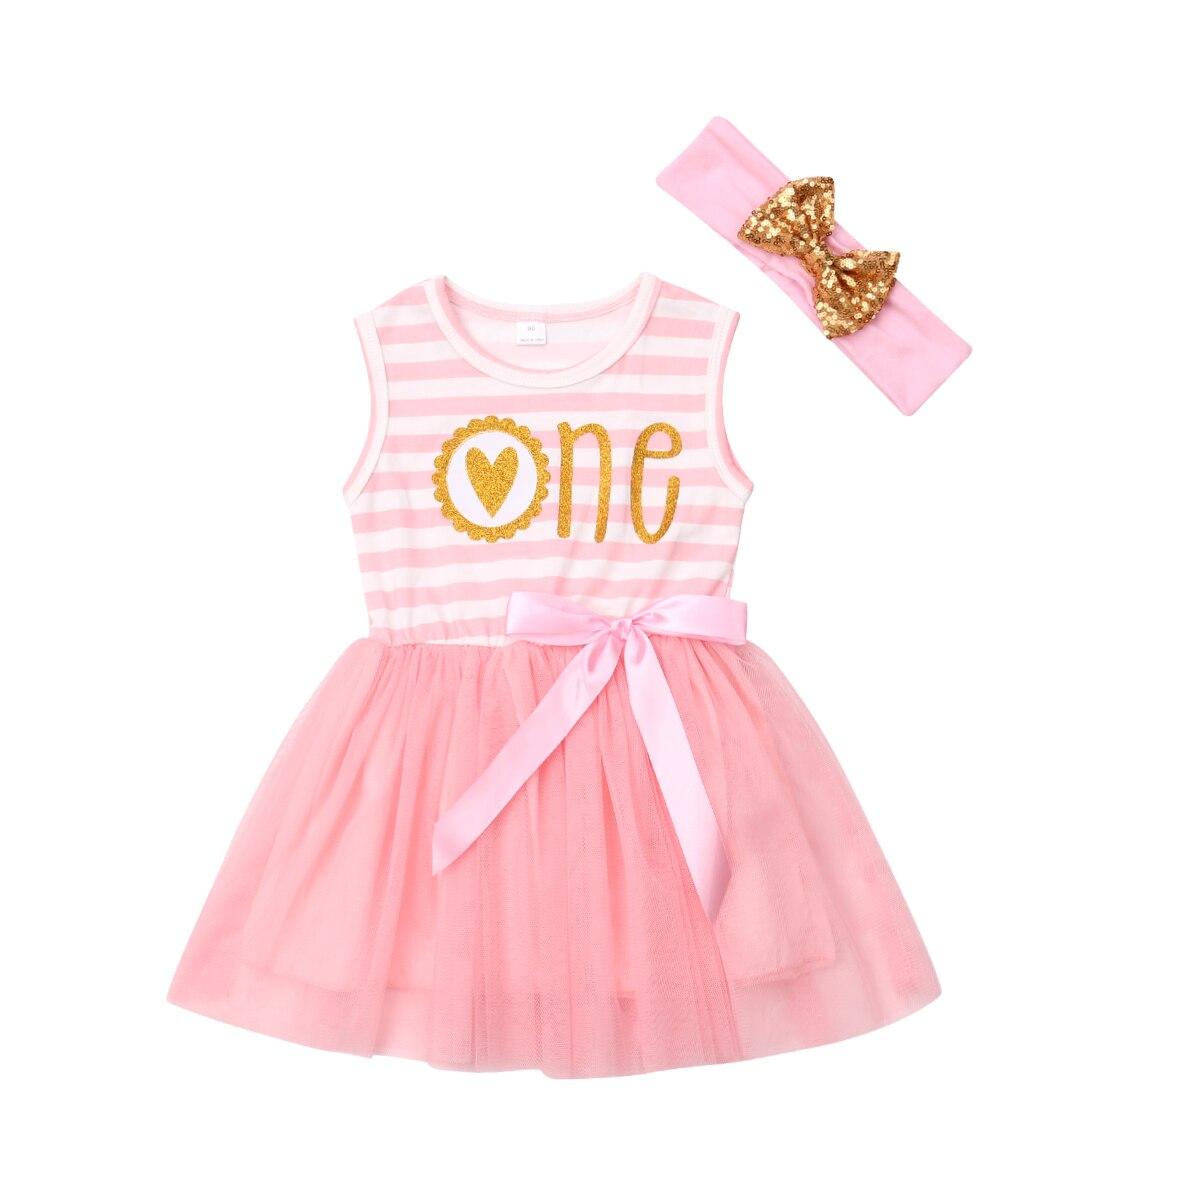 0-2 T Prinzessin Kinder Baby Mädchen Tutu Party Ärmel Gestreiften Kleid Prom Kleid Stirnband Geburtstag Geschenk